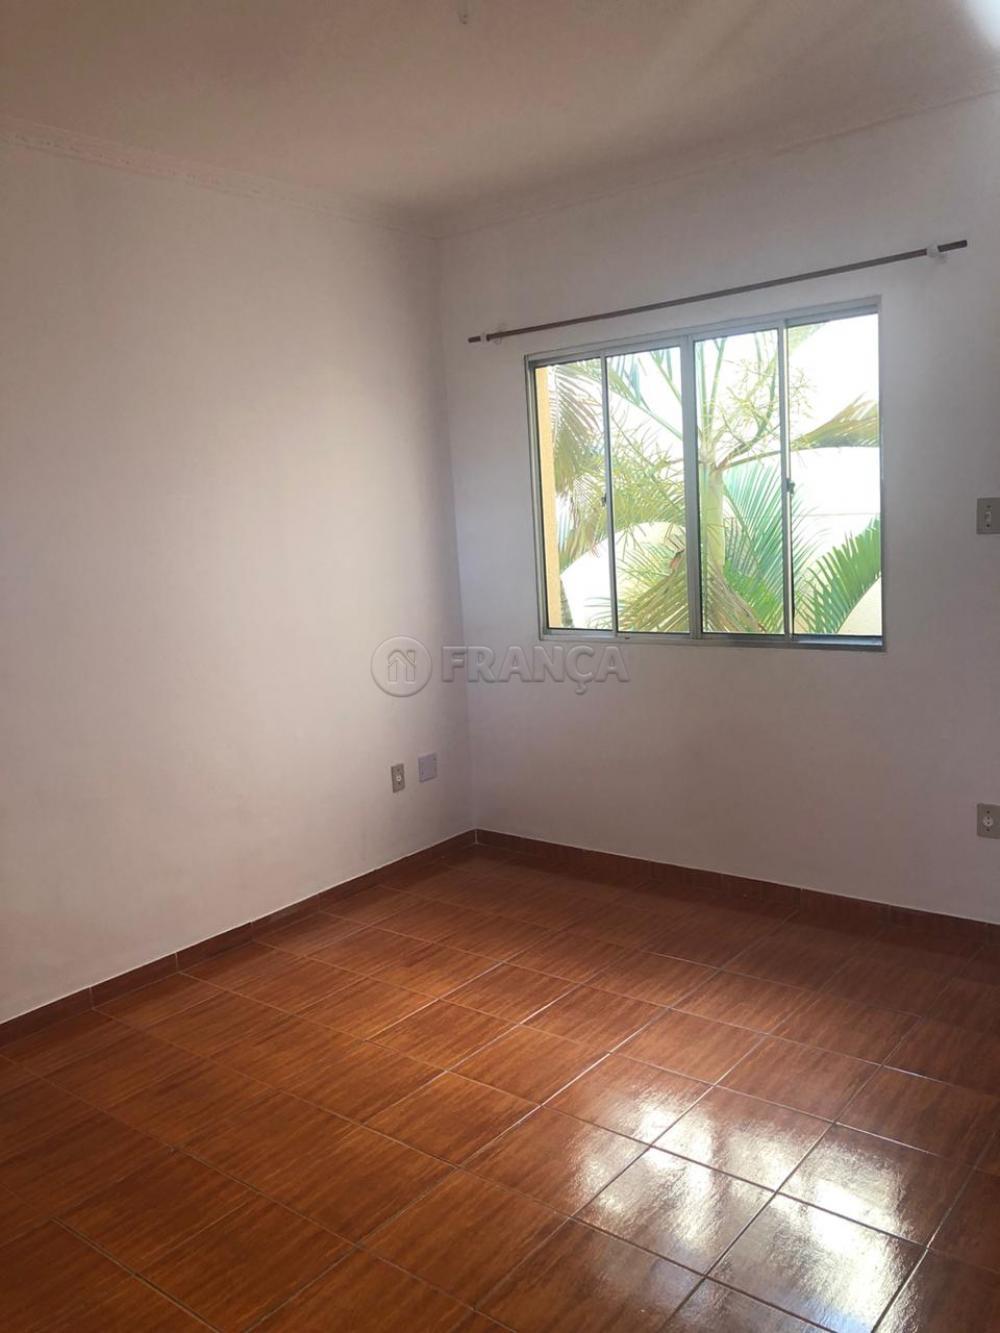 Alugar Apartamento / Padrão em Jacareí apenas R$ 650,00 - Foto 5